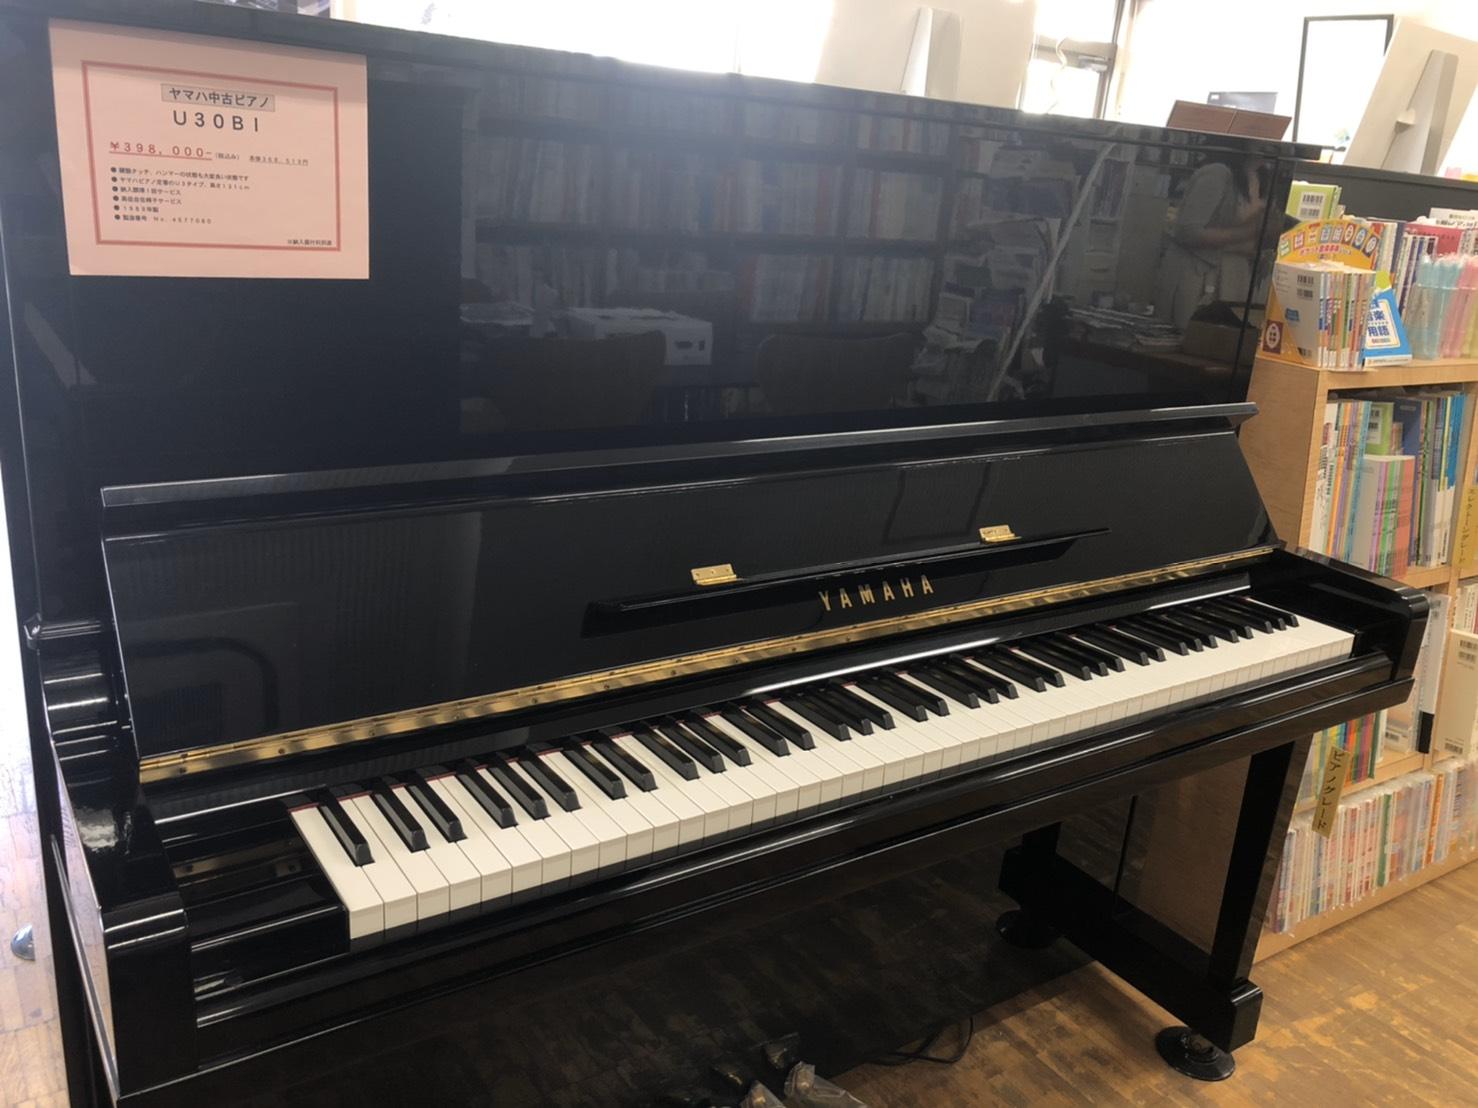 ヤマハ中古アップライトピアノU30BL